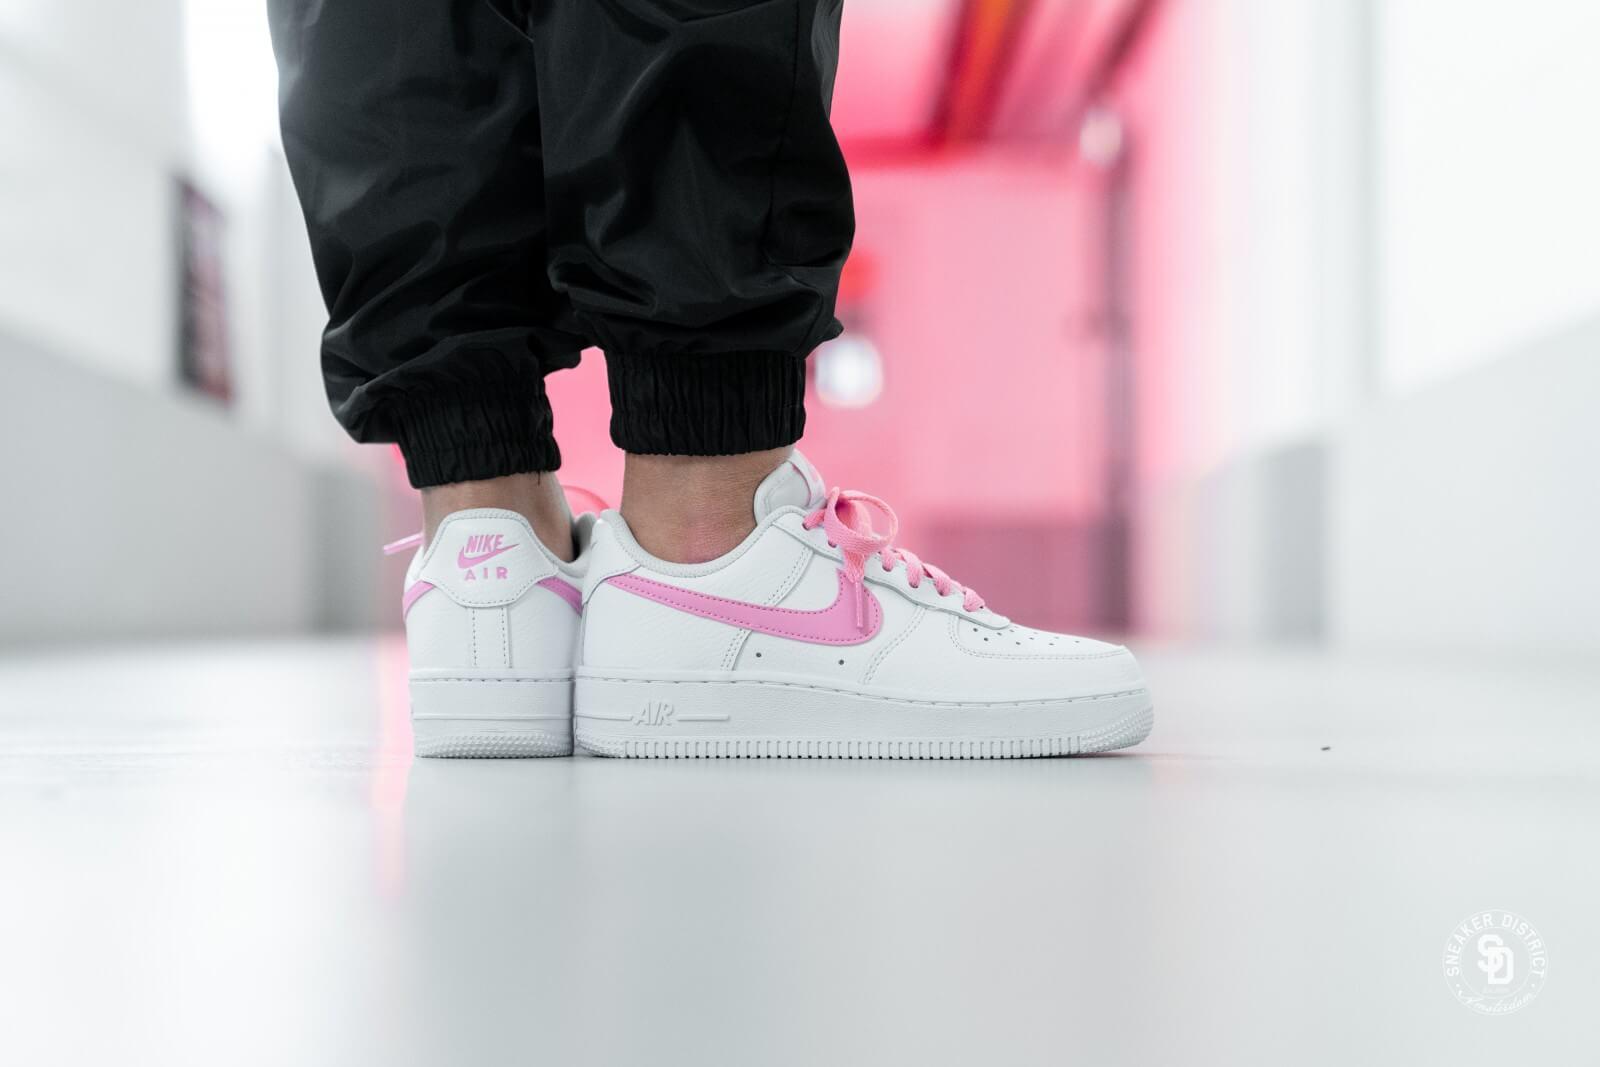 air force 1 white pink tick \u003e Clearance